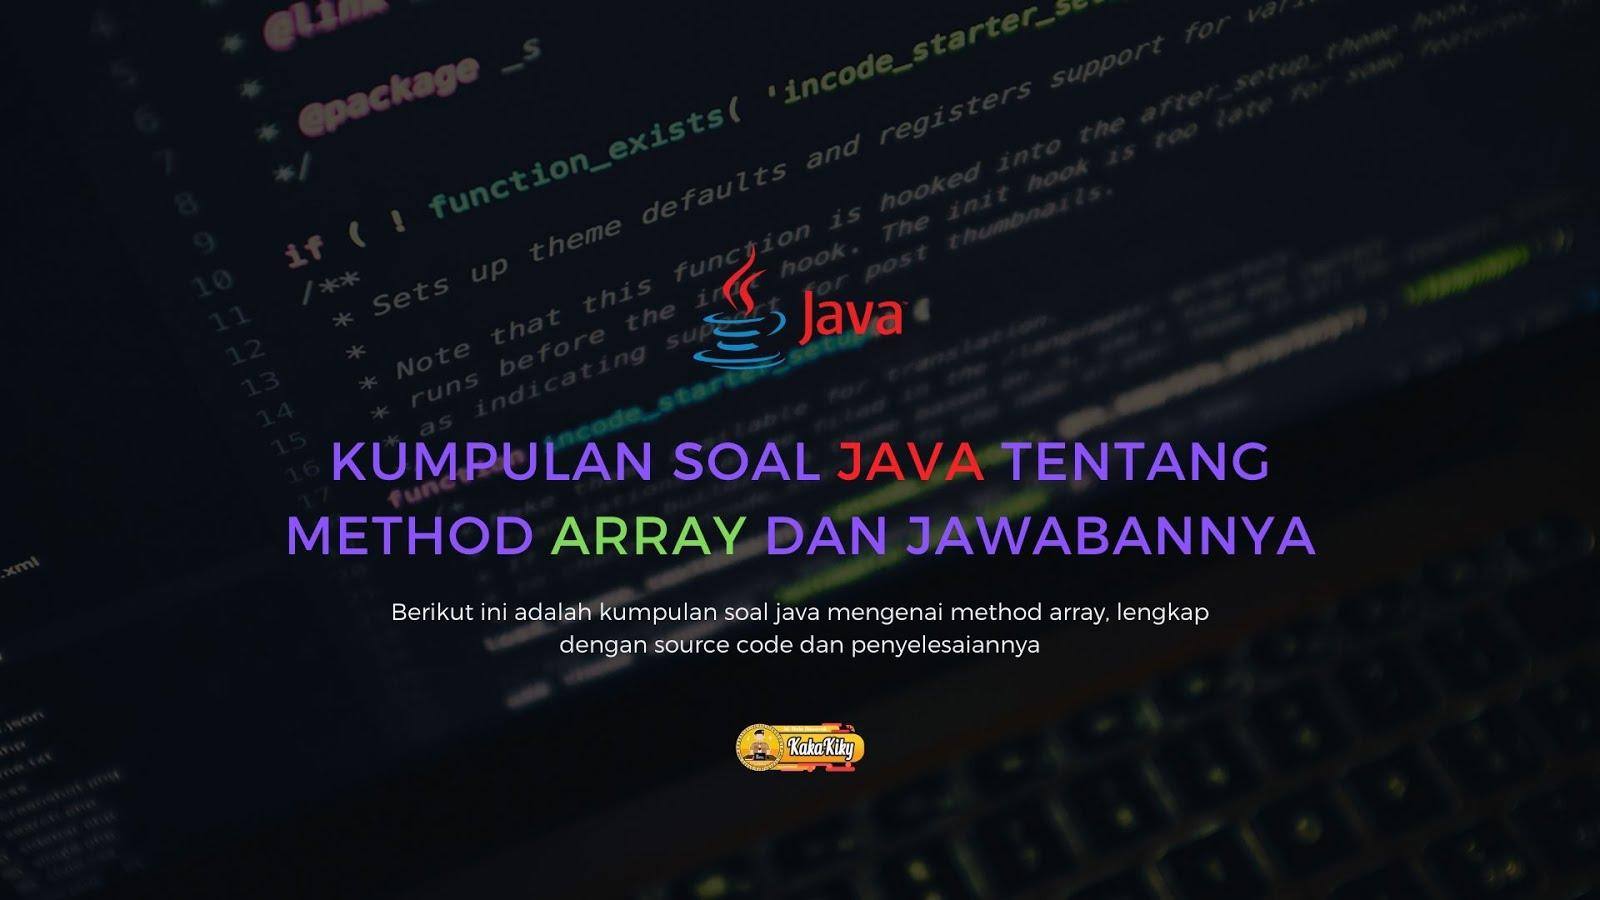 Kumpulan Soal Java Tentang Method Array Dan Jawabannya Kakakiky Blog Edukasi